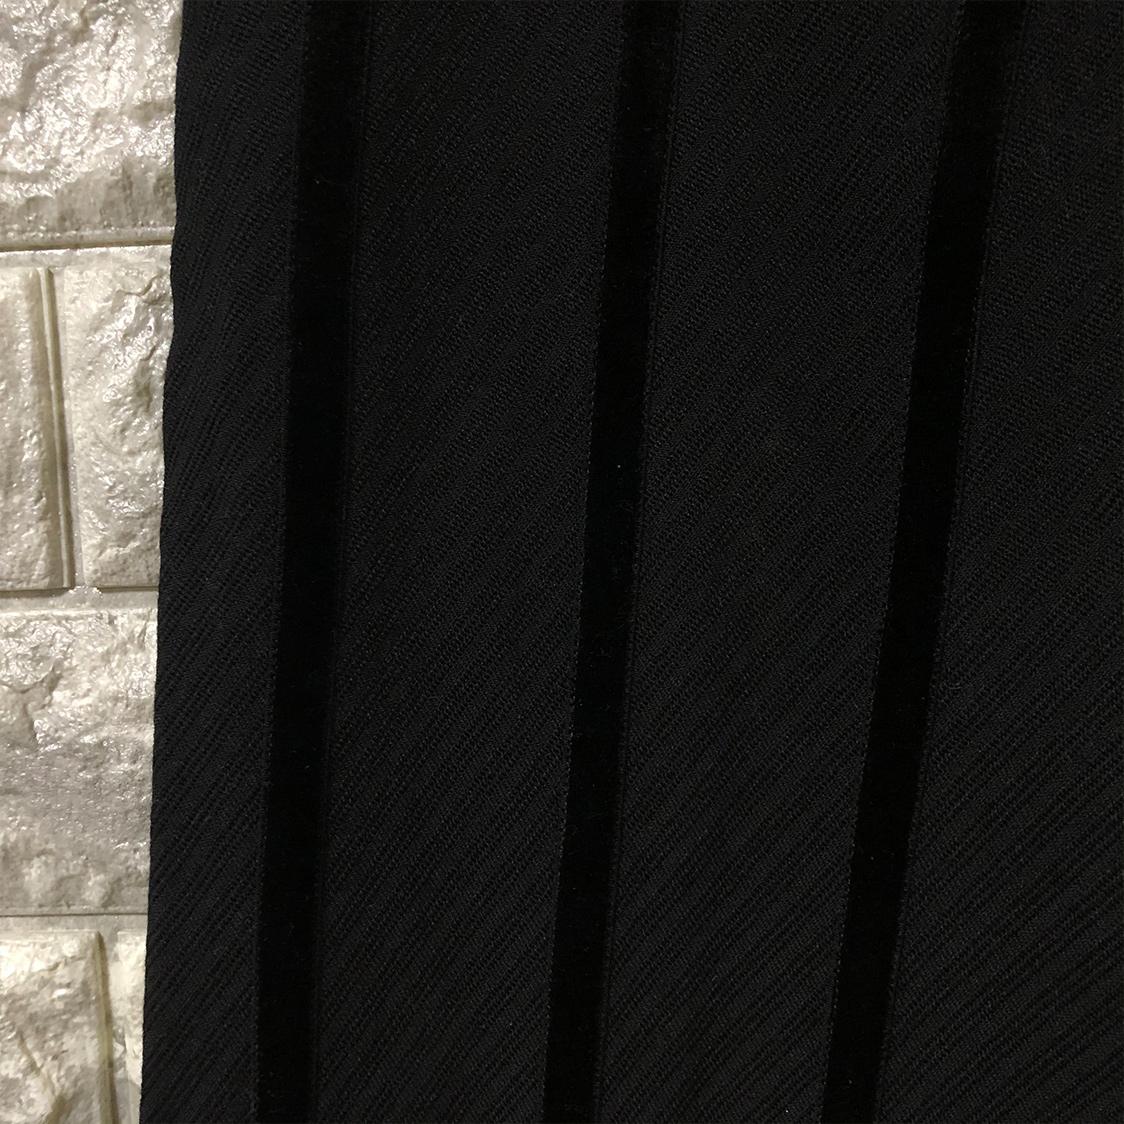 UNDERCOVERISM アンダーカバイズム 【Mサイズ】 ベロアライン入り スラックス アンダーカバー ブラック